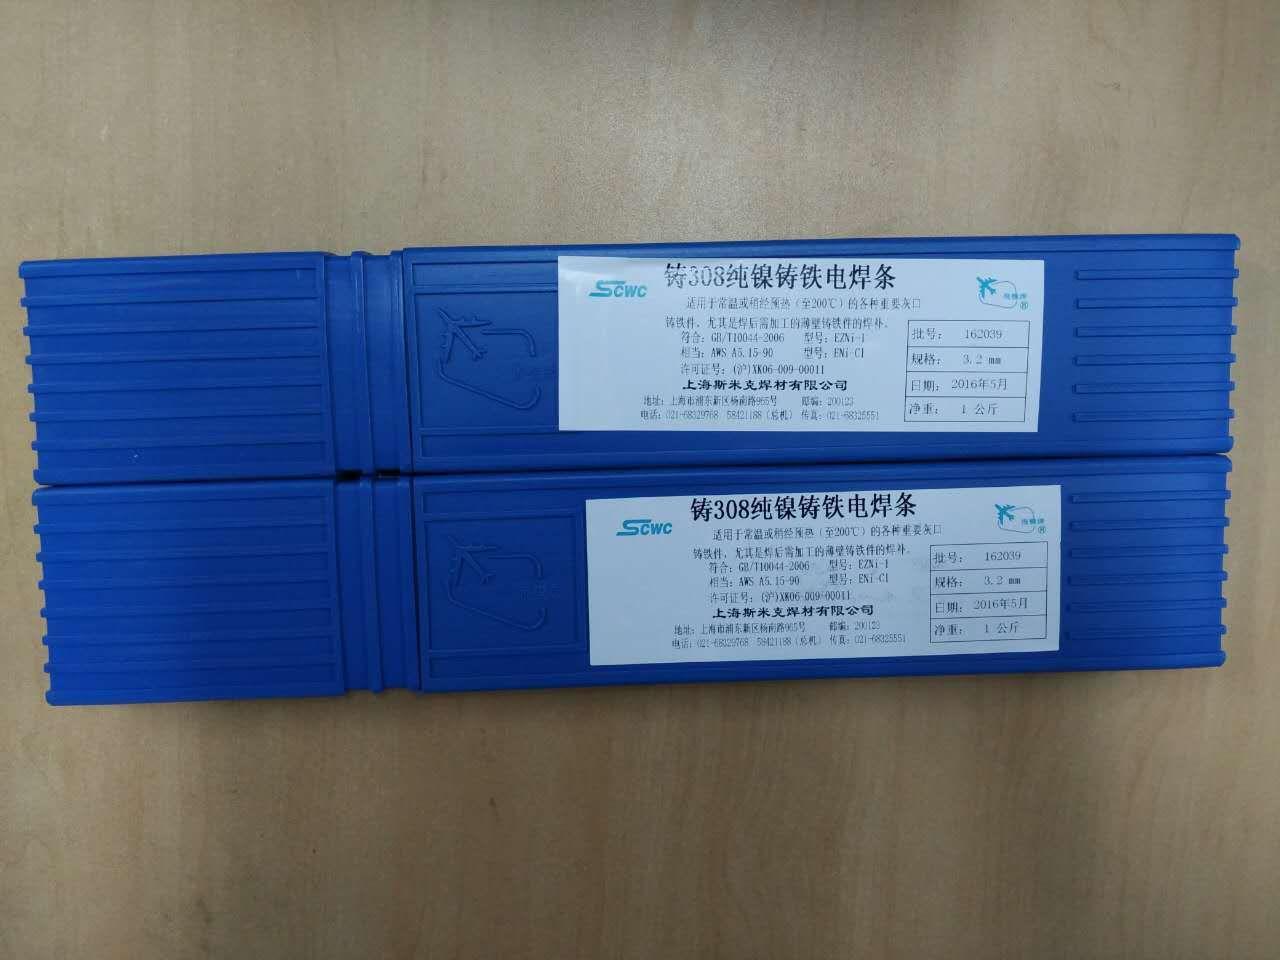 上海斯米克Z100鑄鐵焊條國標牌號EZFe-2藥皮鑄鐵焊條